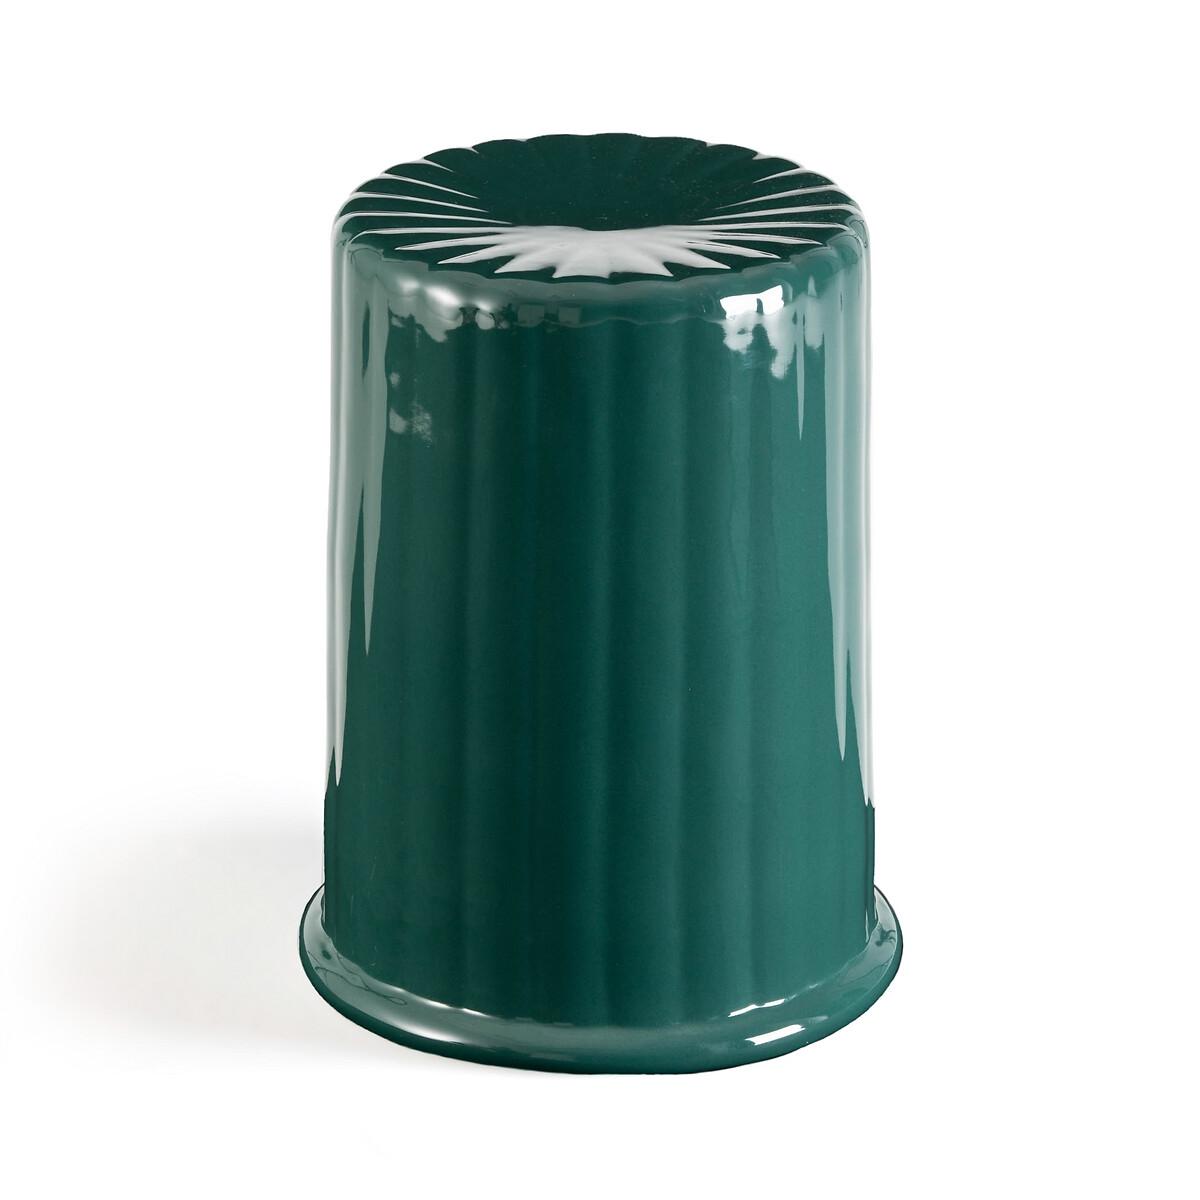 Стол LaRedoute Диванный Cannel из эмалированной керамики единый размер зеленый